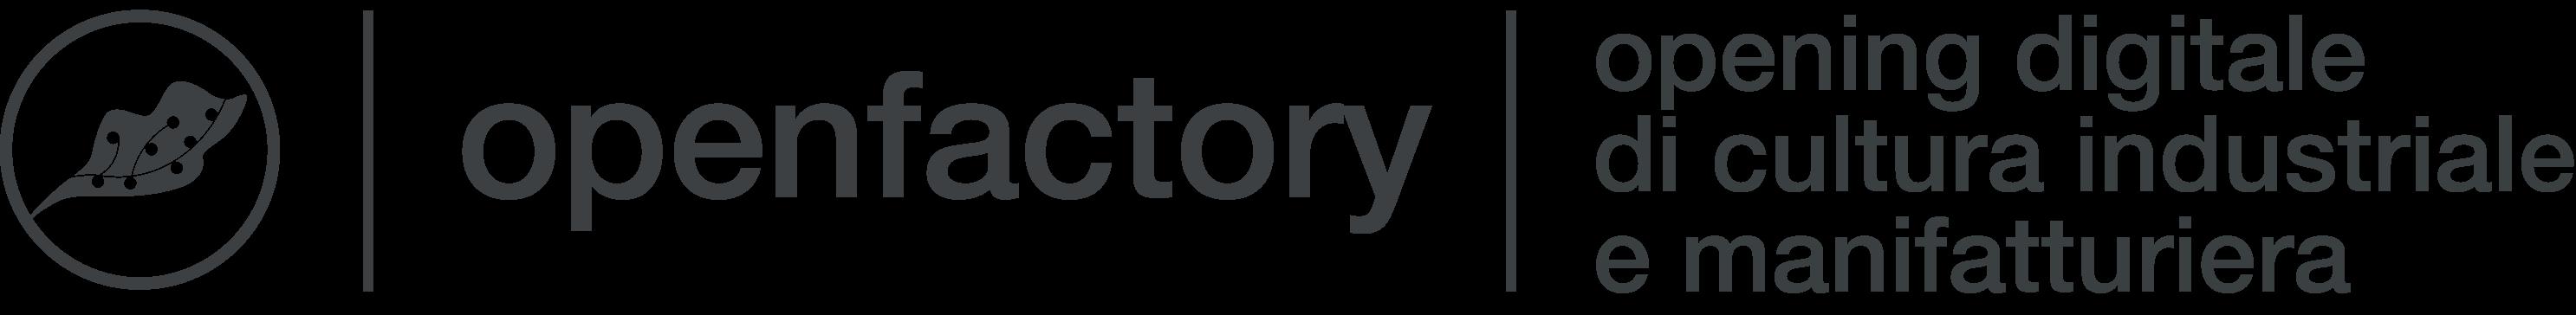 Open Factory | 29 novembre 2020